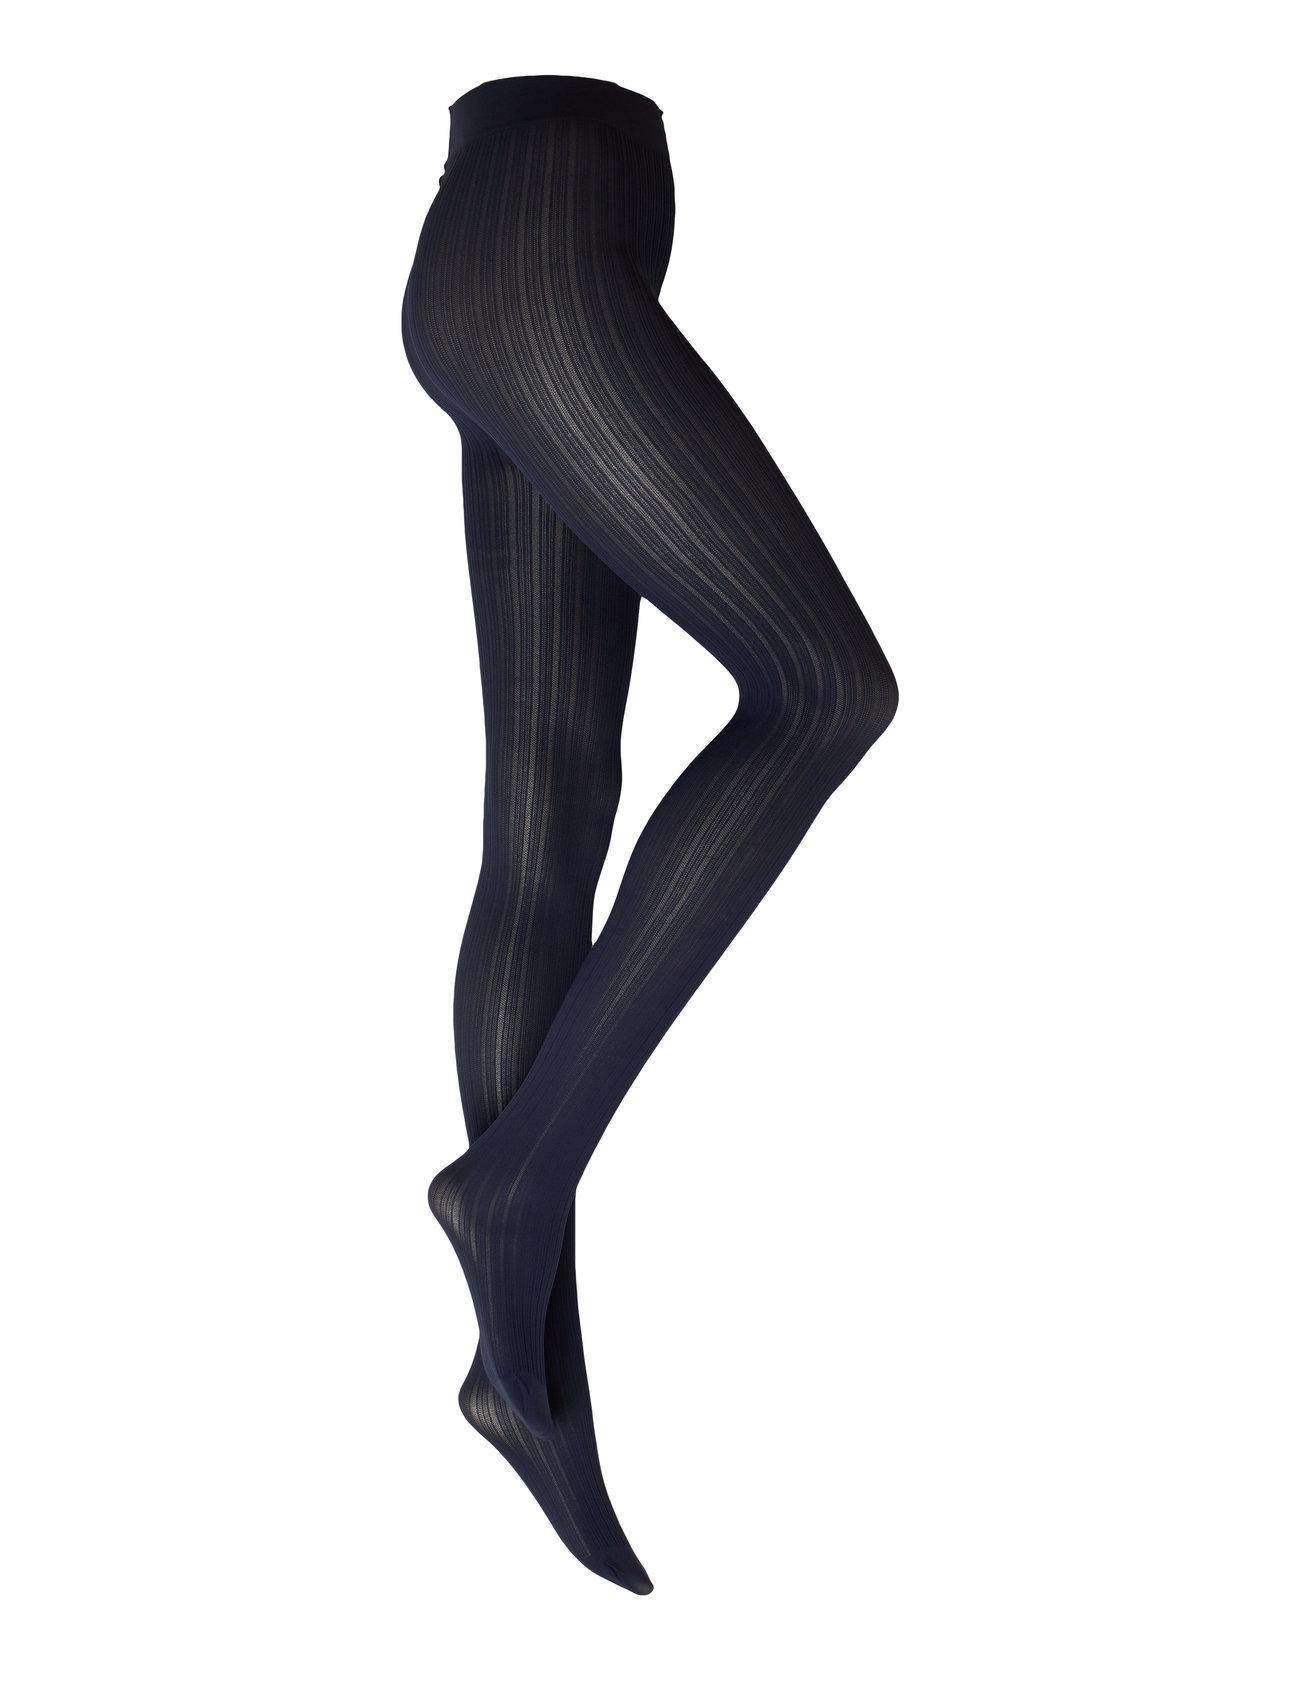 Swedish Stockings Alma rib tights 60D - DARK NAVY